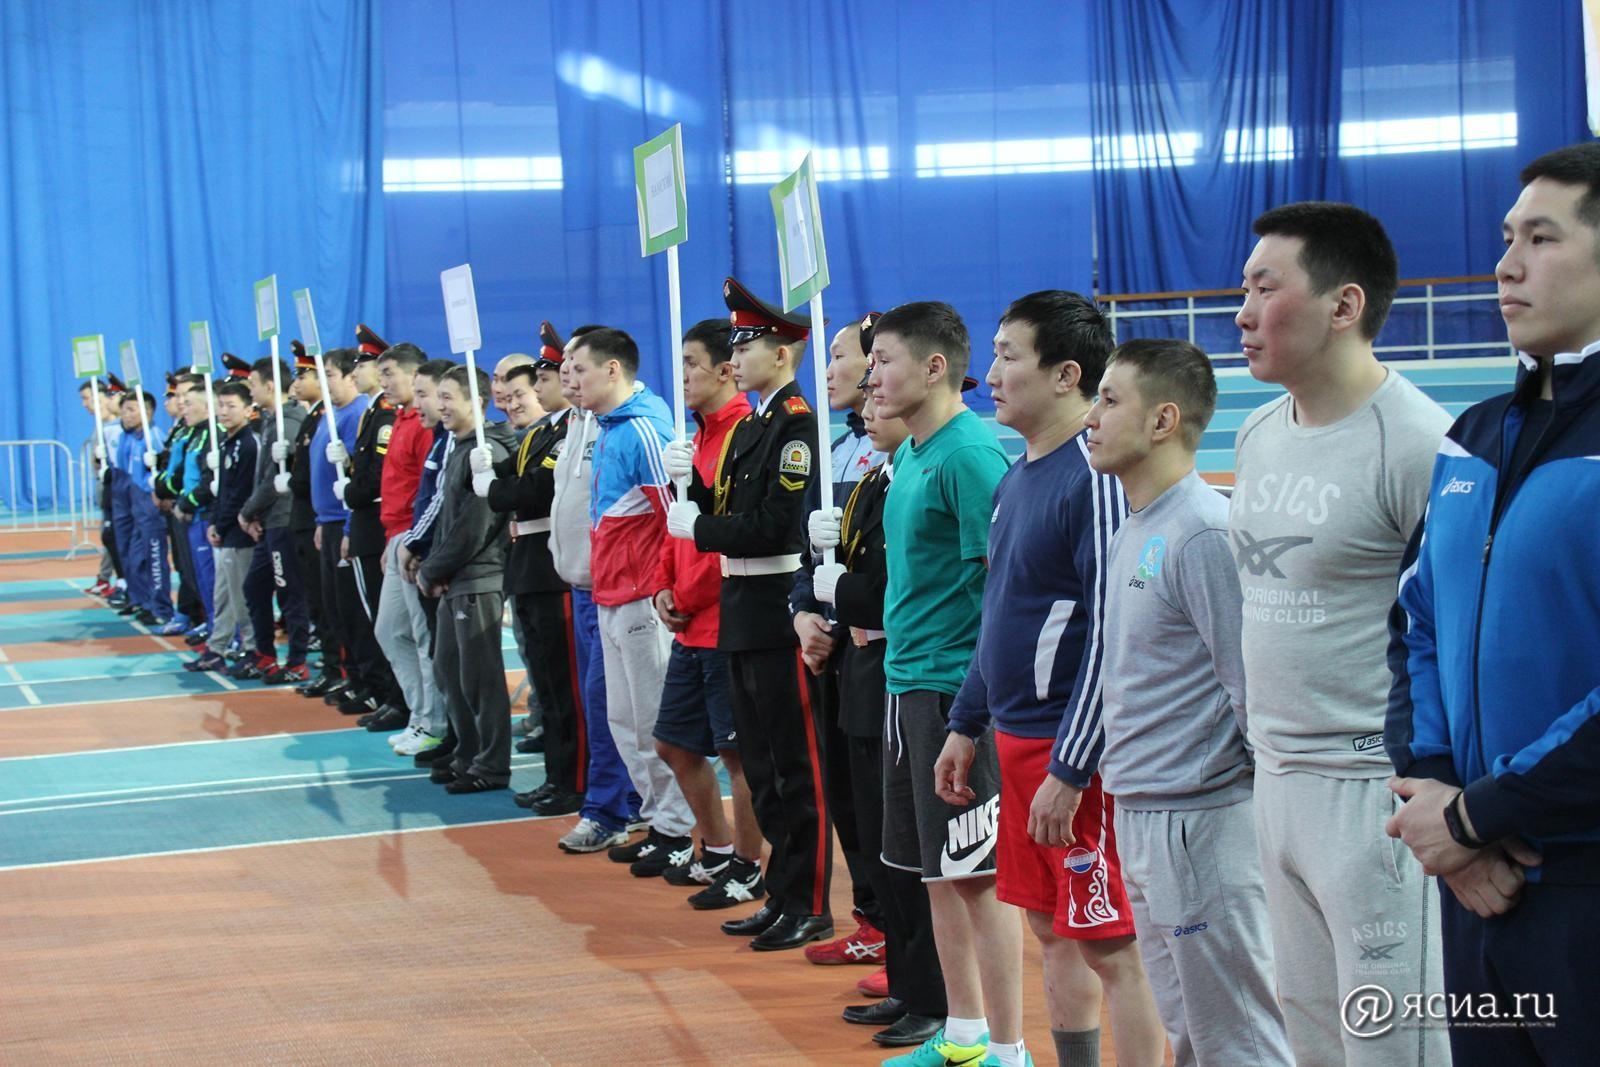 Около 500 спортсменов собрались на юбилейном Кубке МВД по хапсагаю